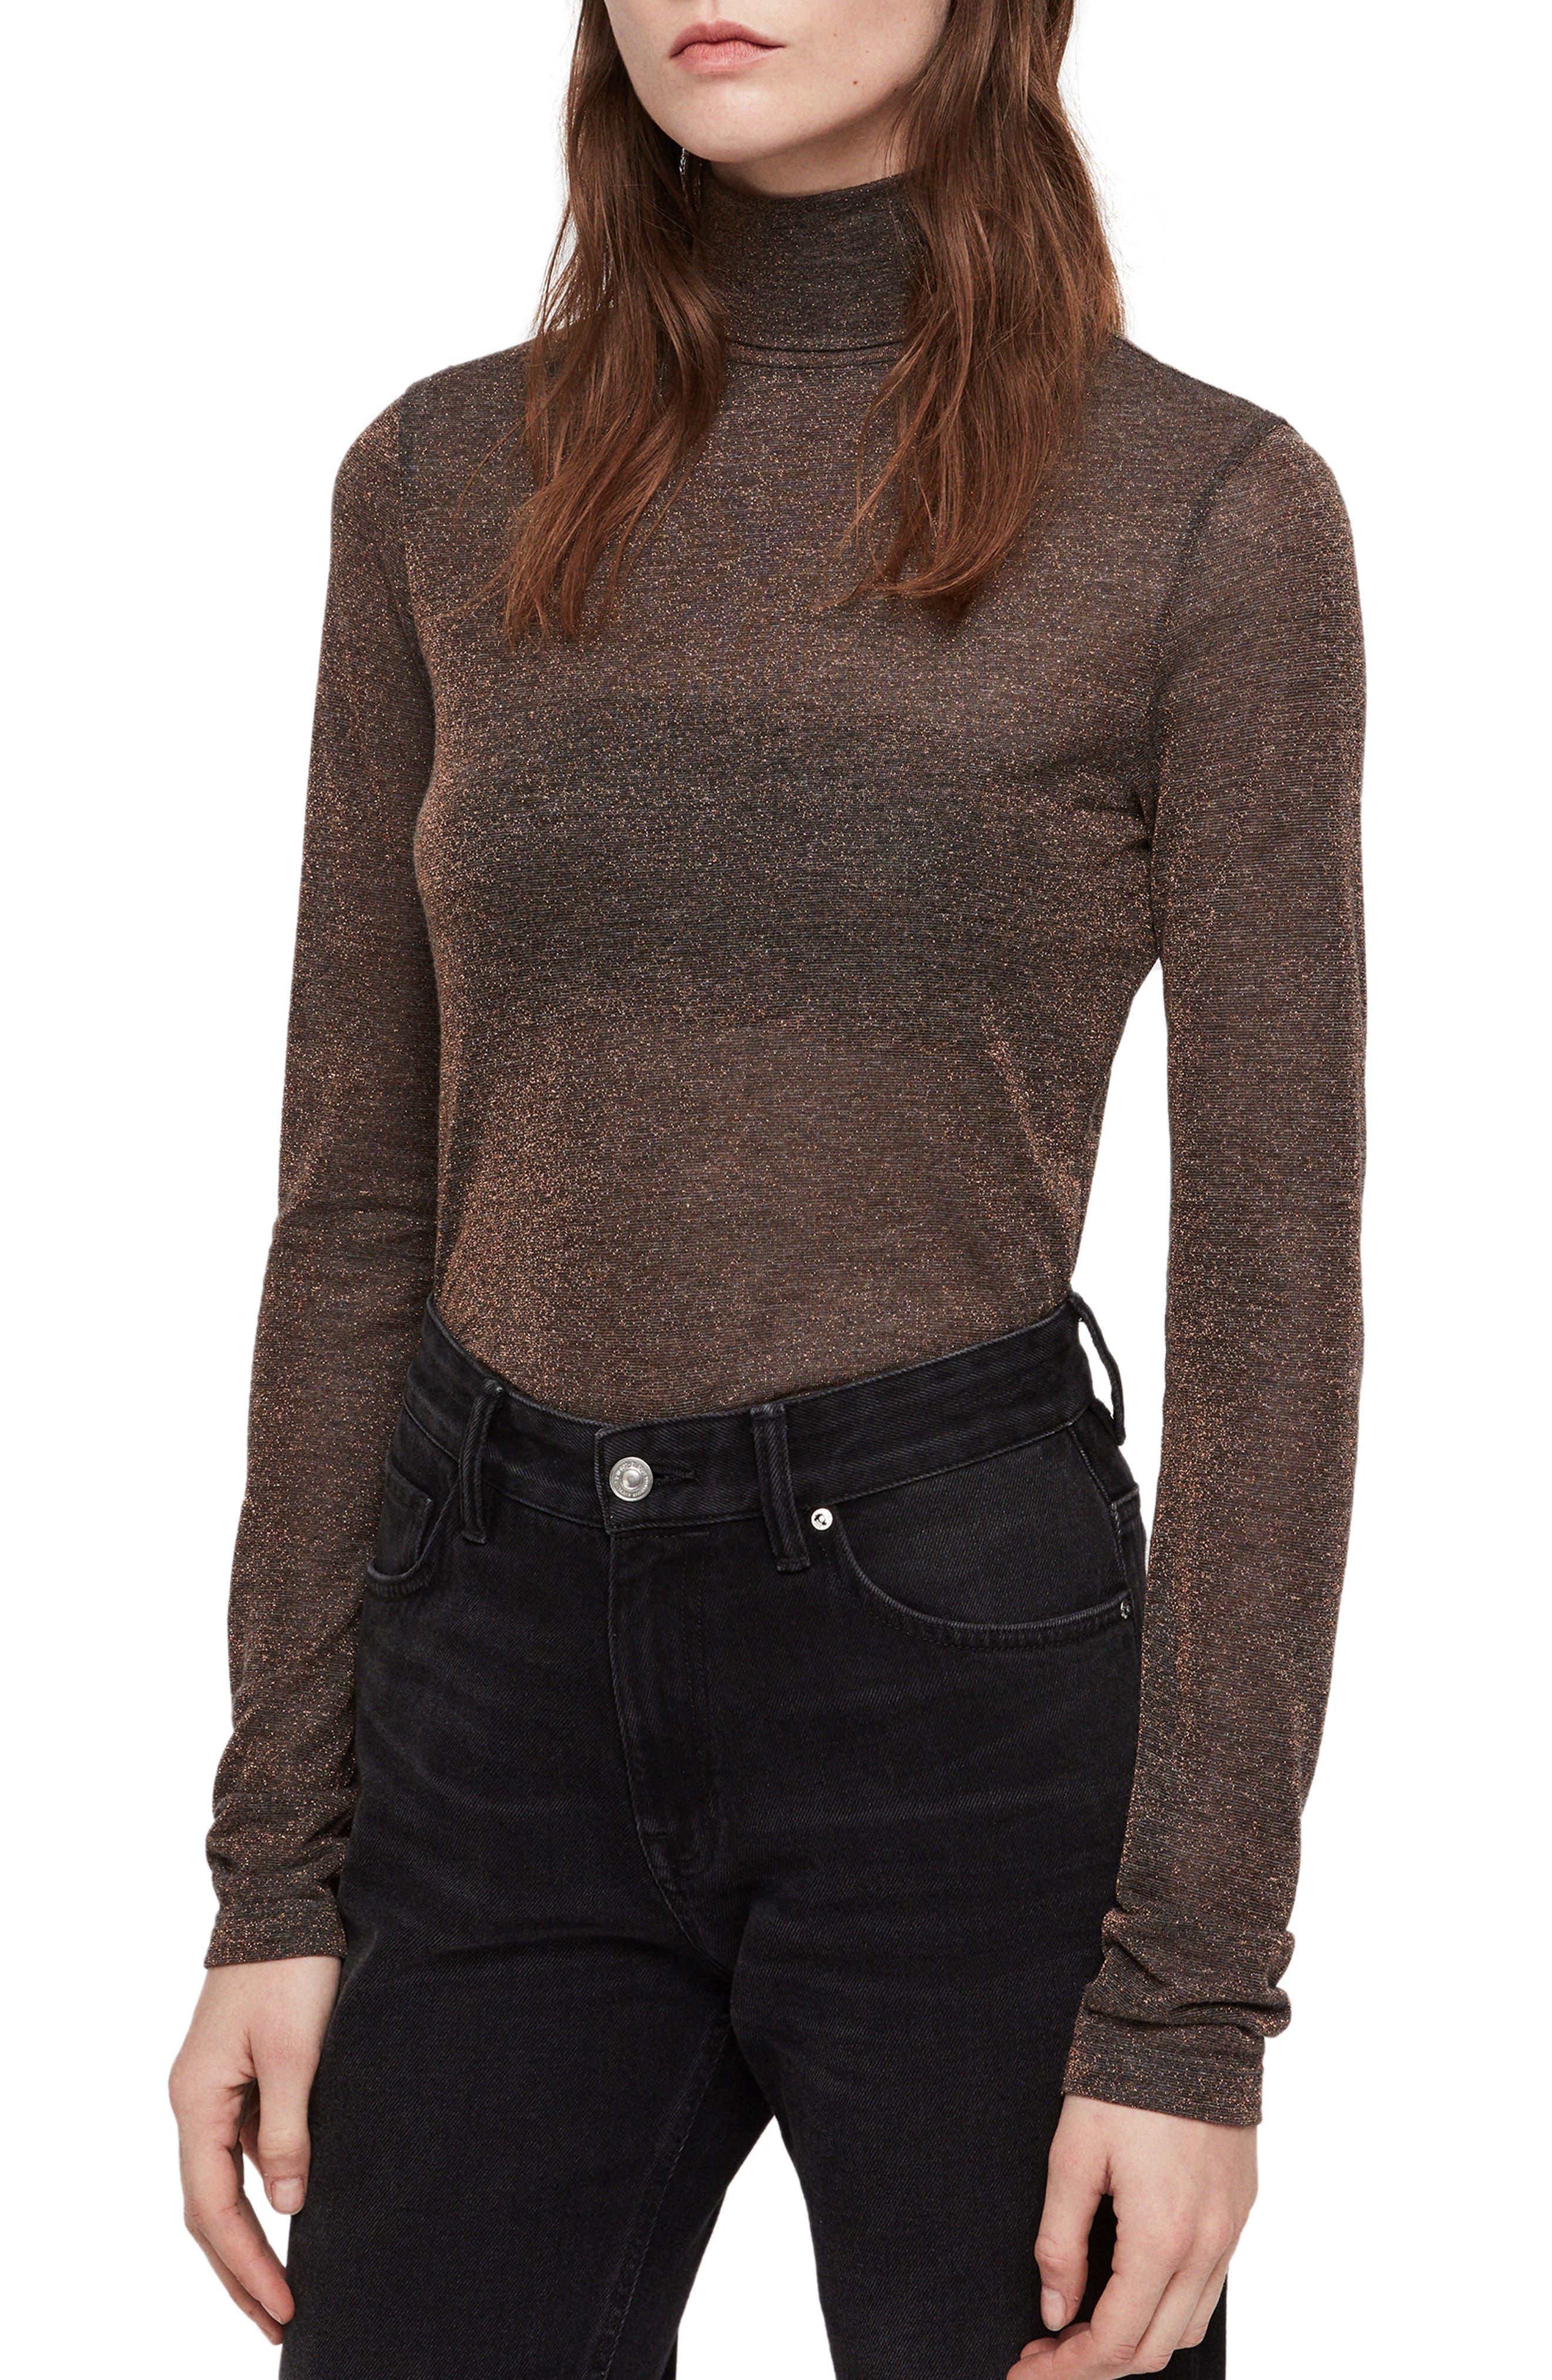 ALLSAINTS, Esme Turtleneck Sweater, Main thumbnail 1, color, BLACK